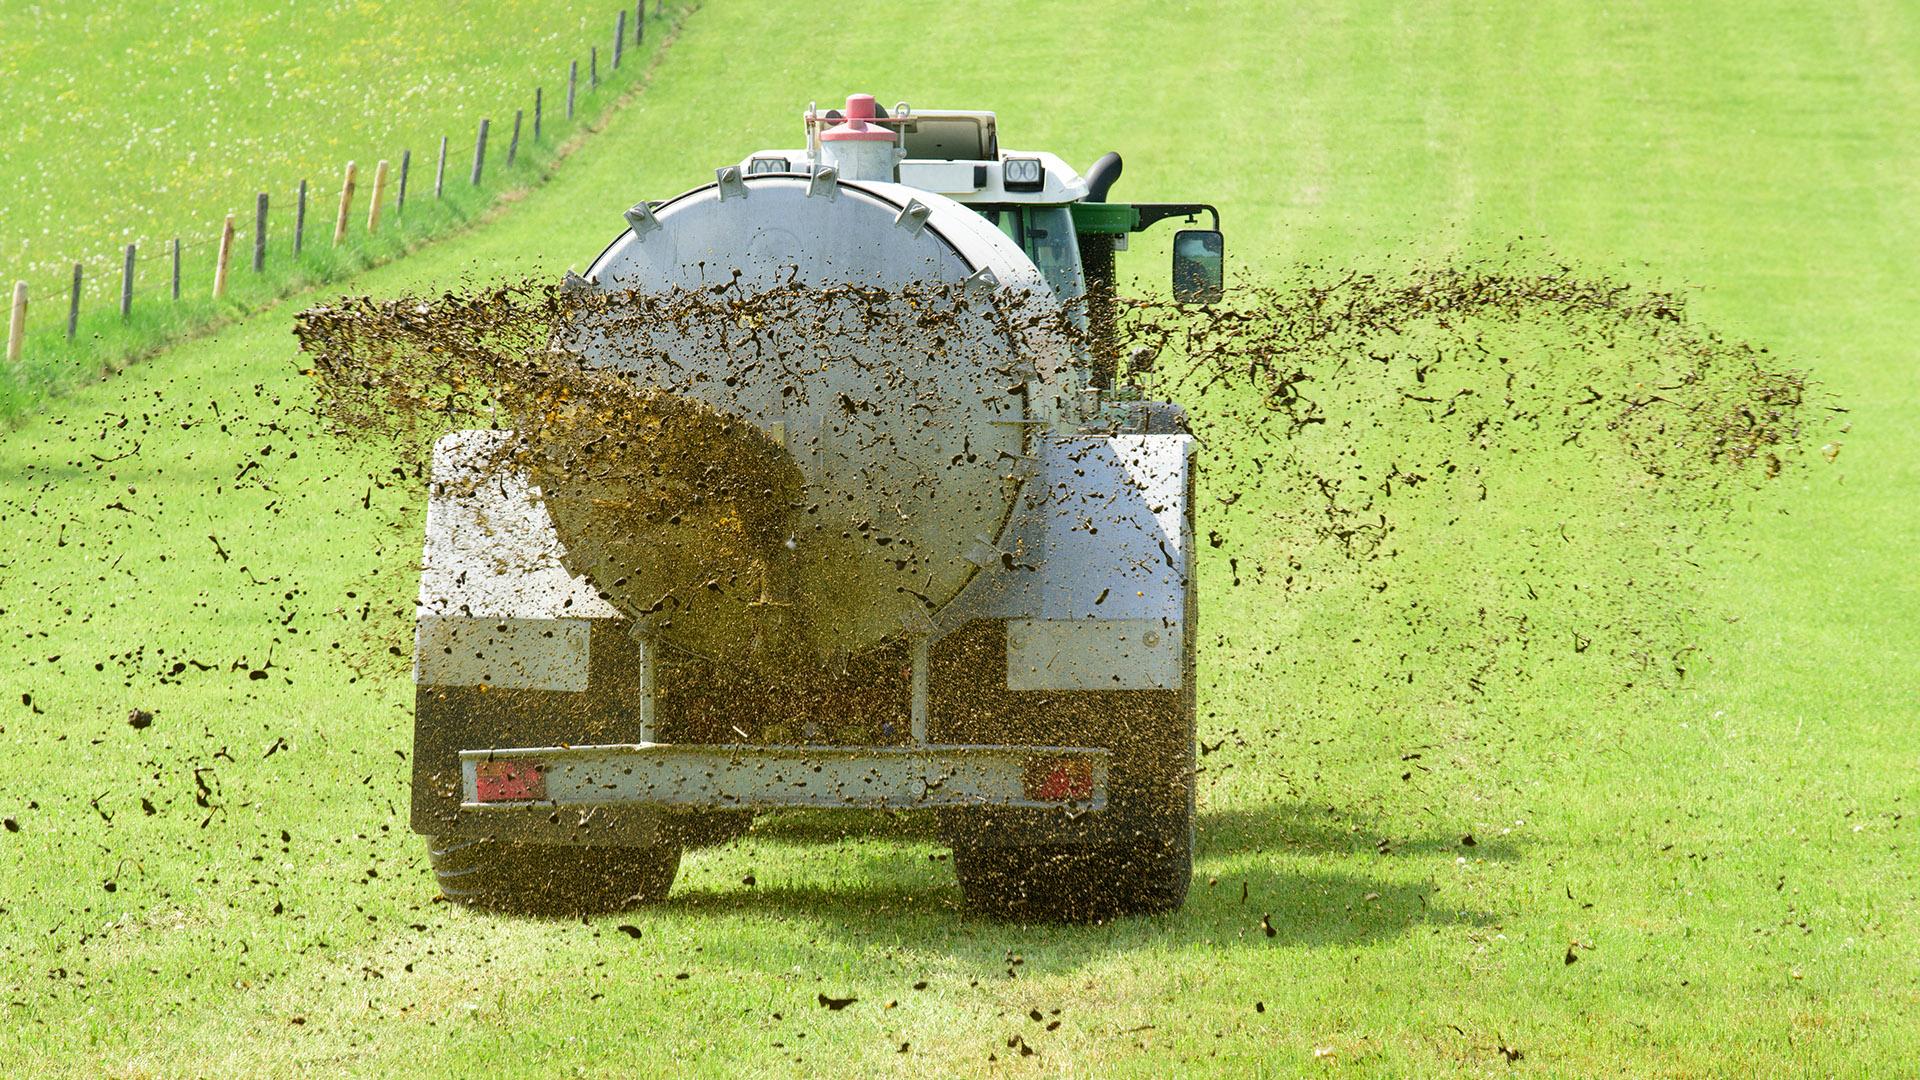 Bei der Überdüngung mit Gülle entsteht unter anderem Lachgas. © iStock Getty Images